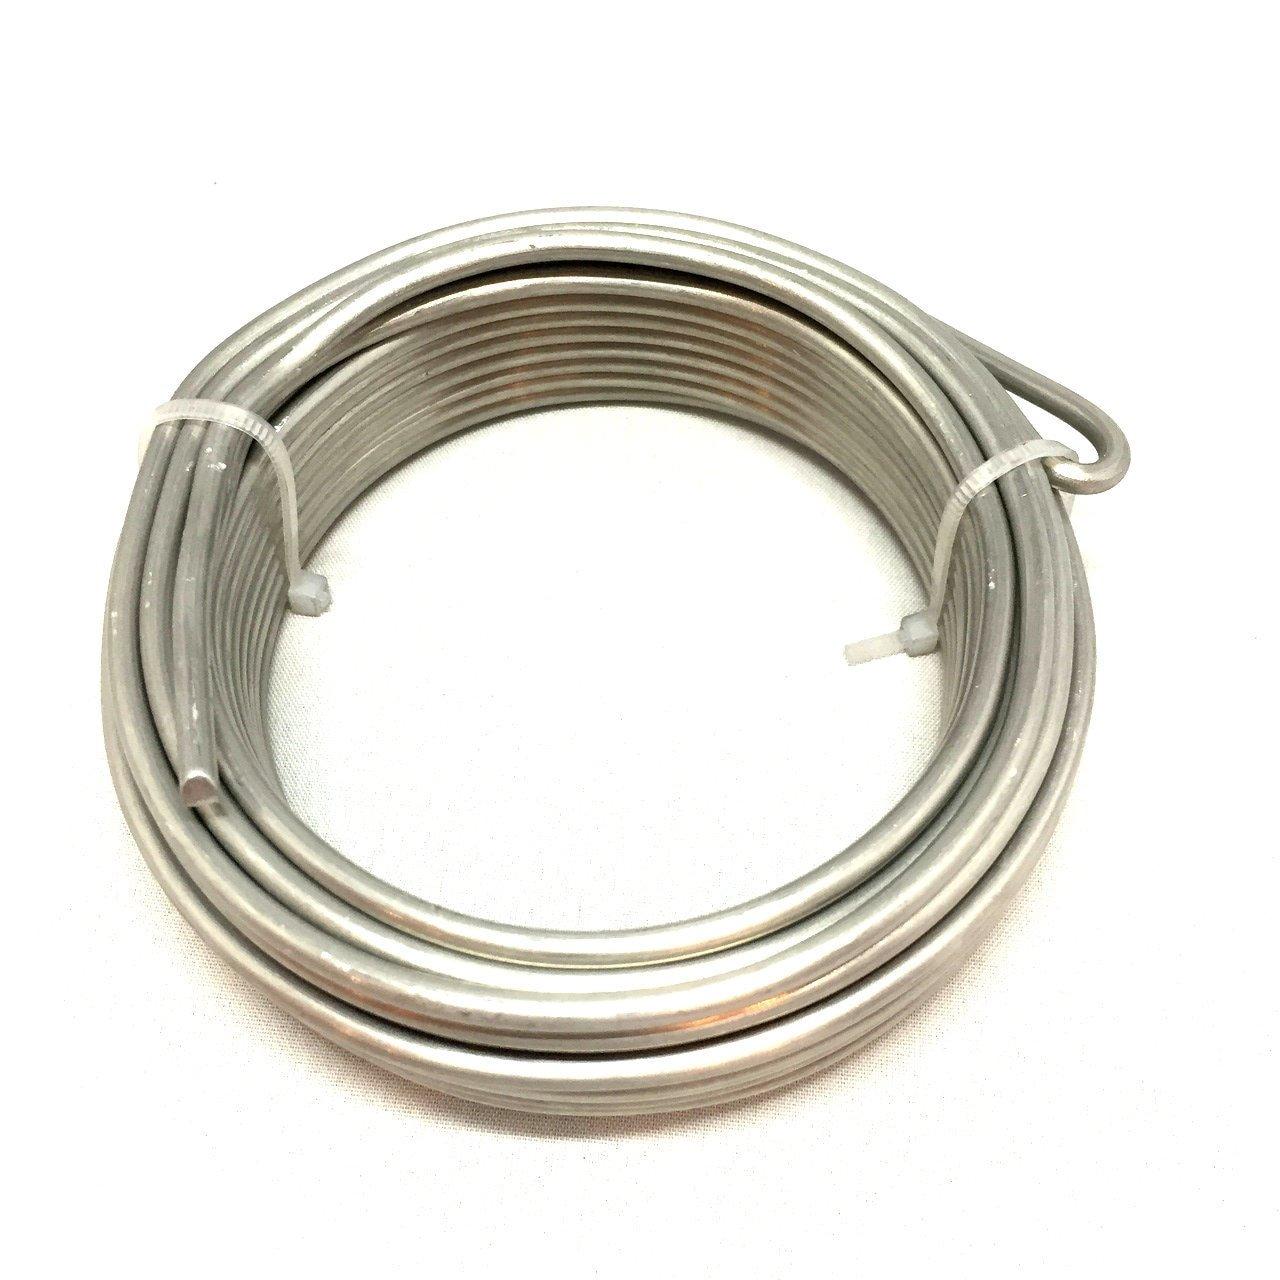 Aluminium Wire 3mm x 7.5 meters